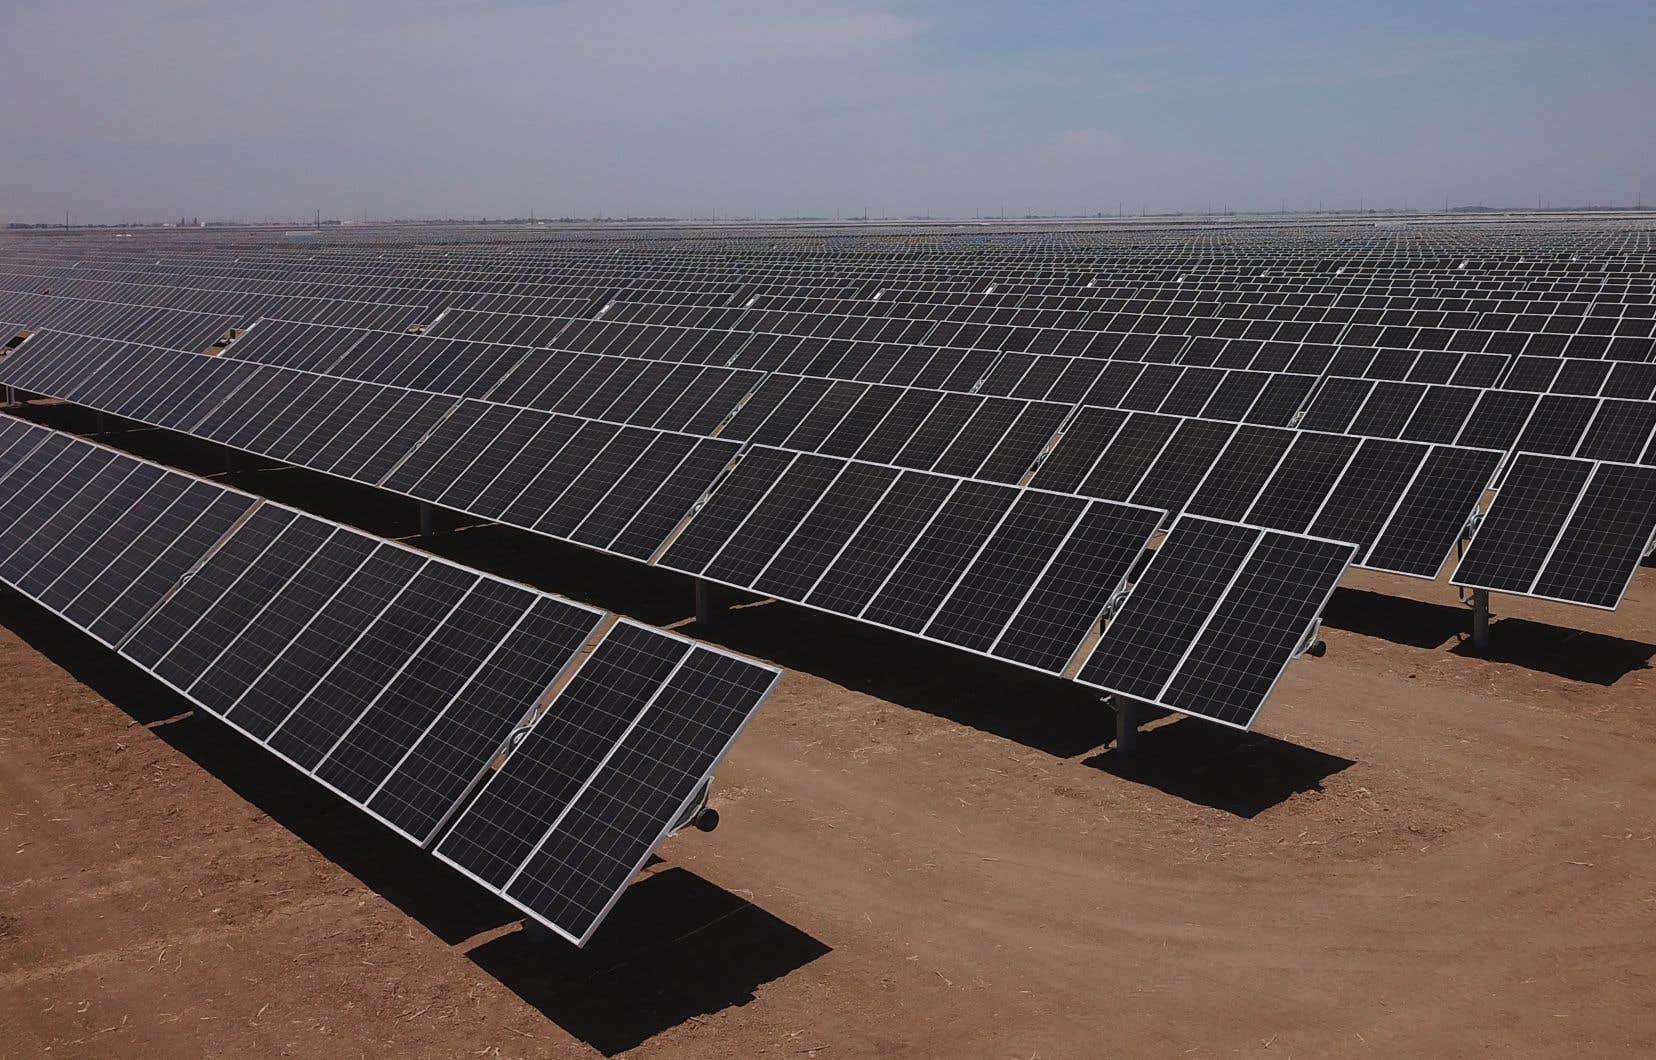 Des panneaux solaires ont été installés dans ce qui était autrefois un champ utilisé pour l'agriculture, près de Huron, en Californie.